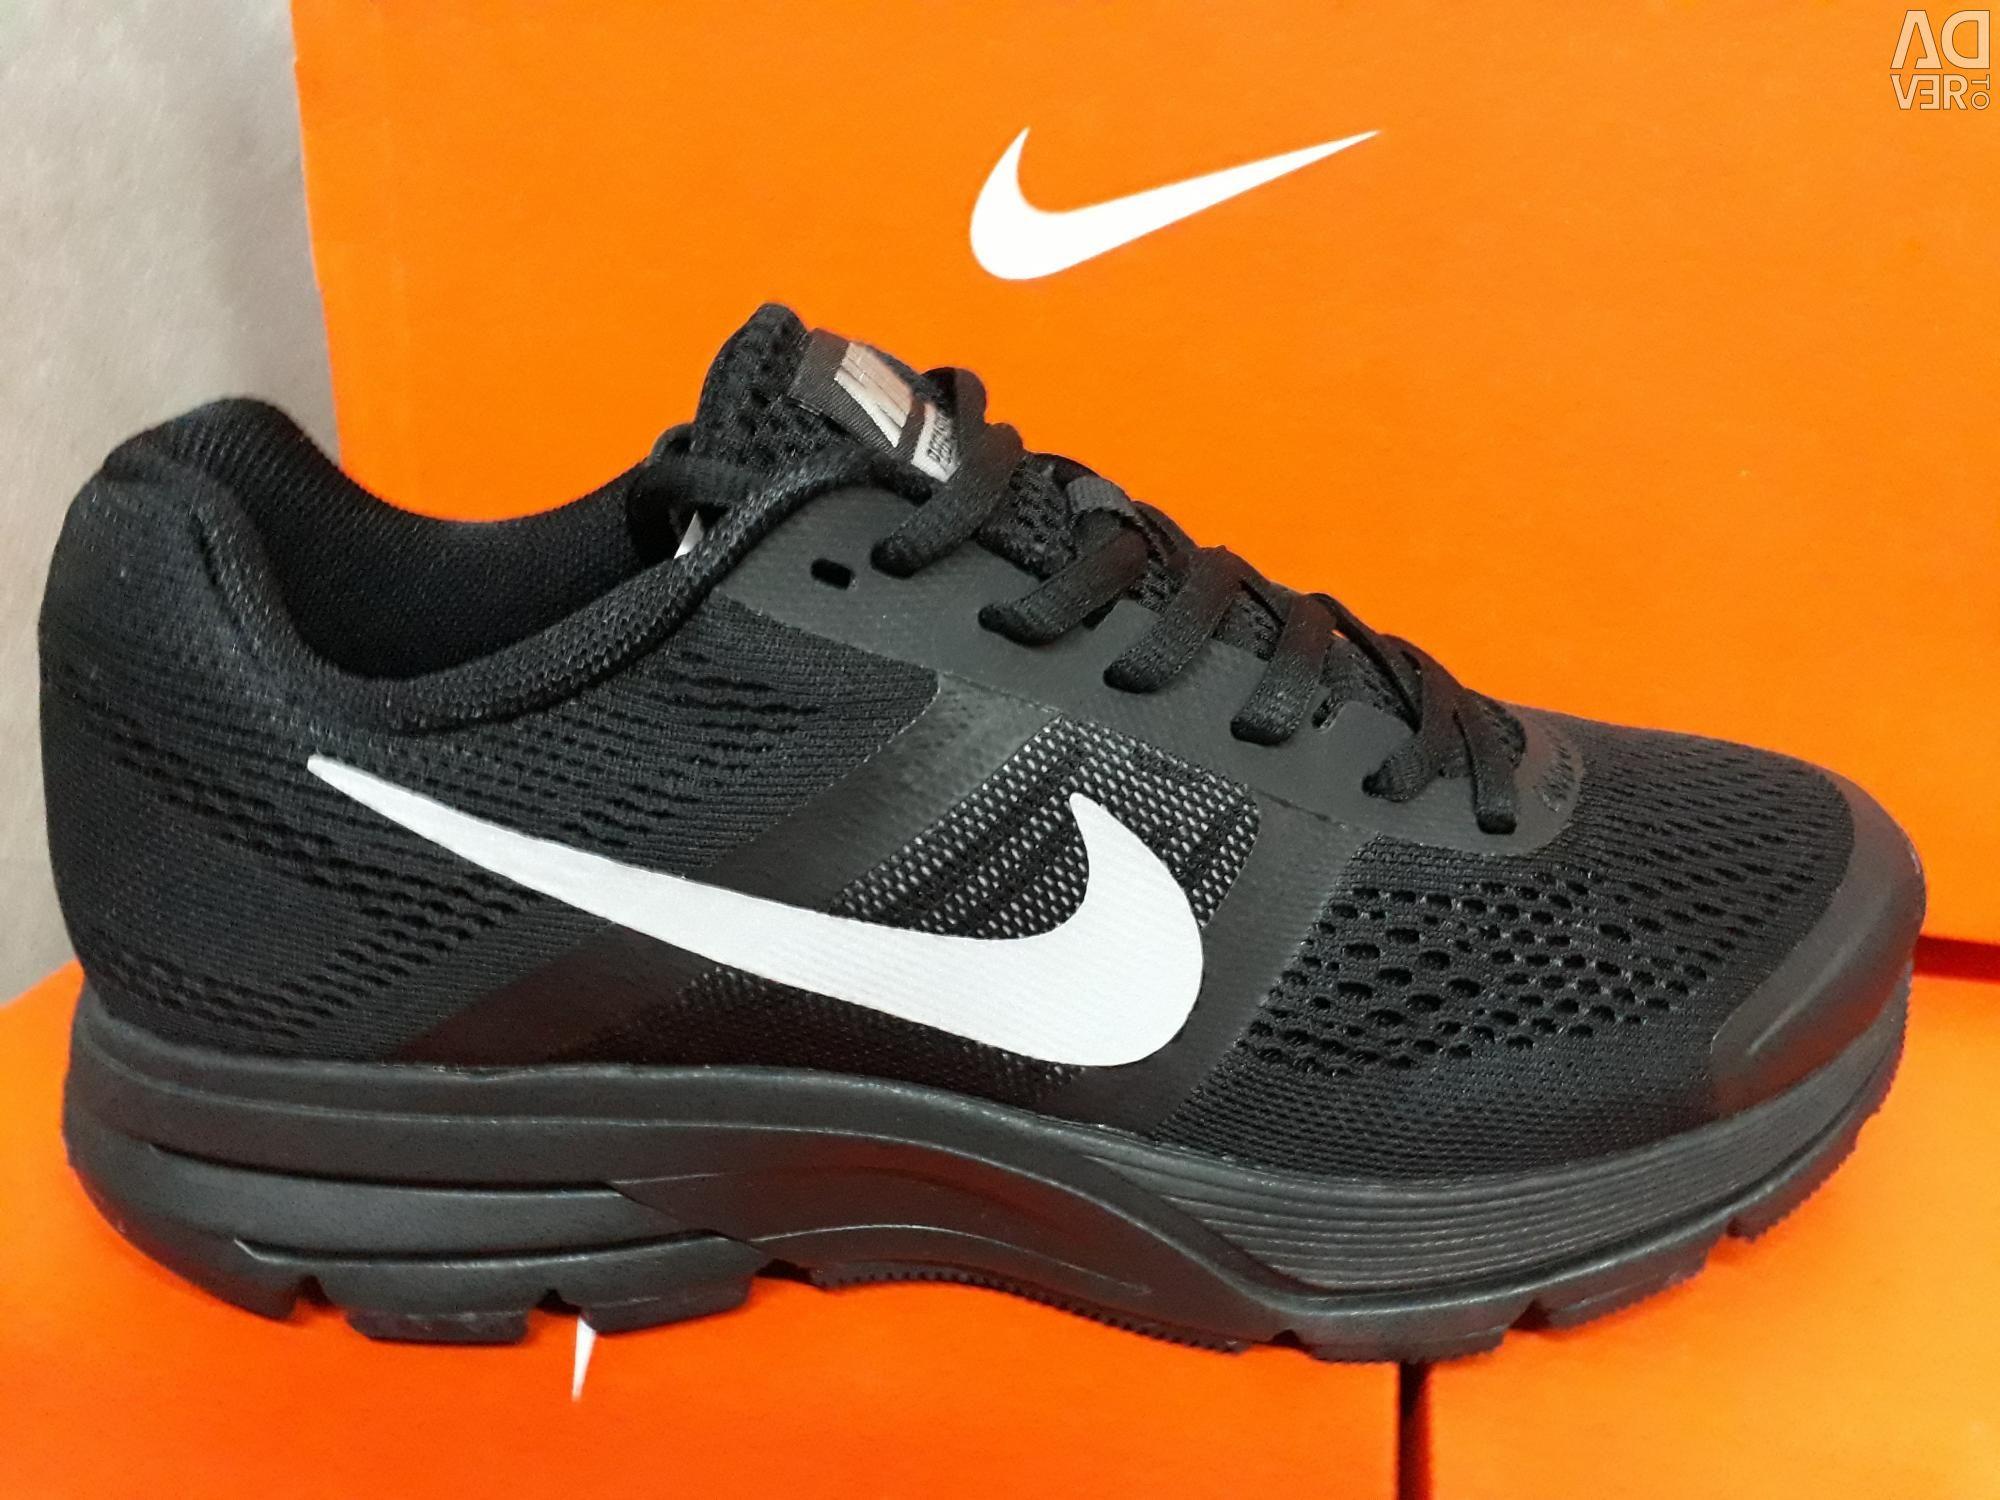 Sneakers for men Nike PEGASUS 30.Original